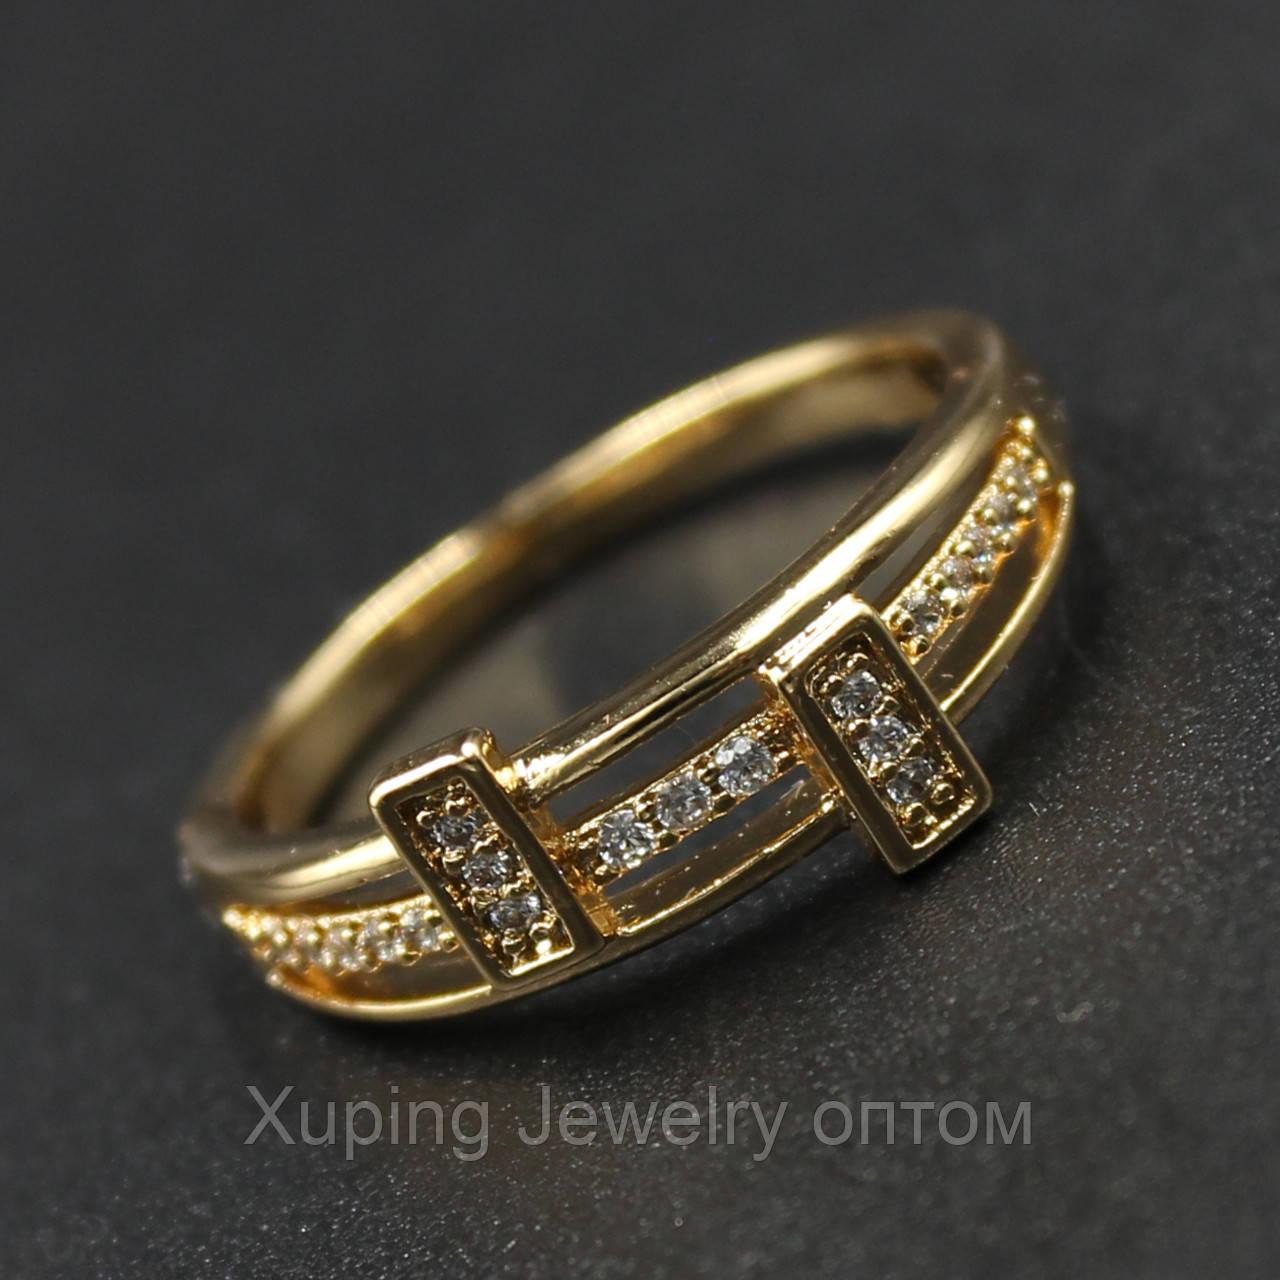 """Кольцо женское Xuping( Хьюпинг) """"Beckwith"""" 17"""